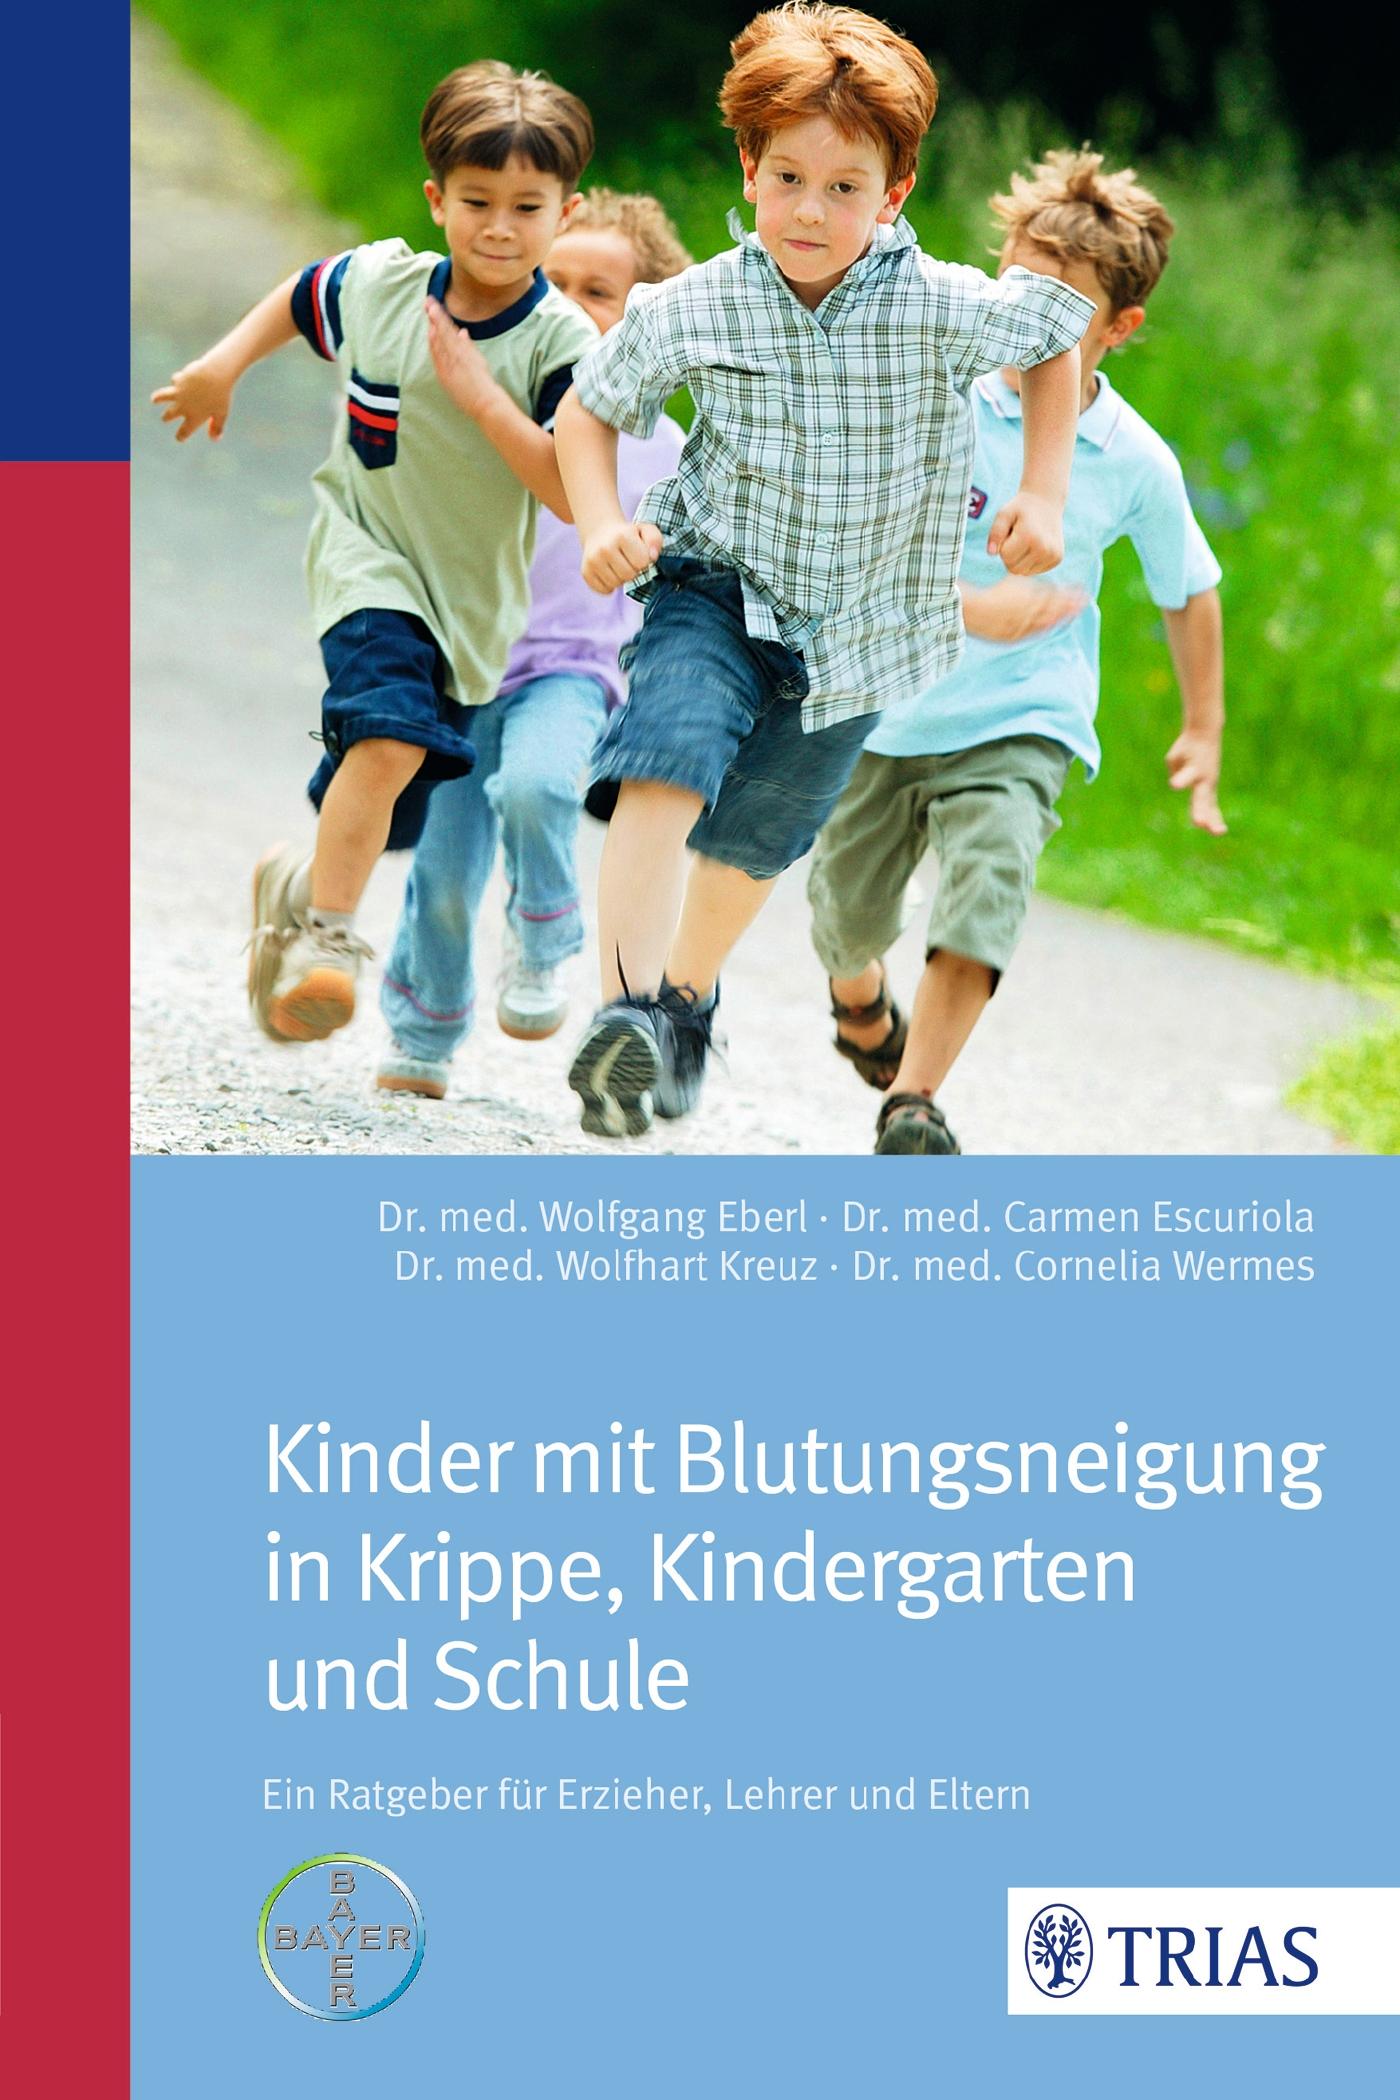 Kinder mit Blutungsneigung in Krippe, Kindergarten und Schule